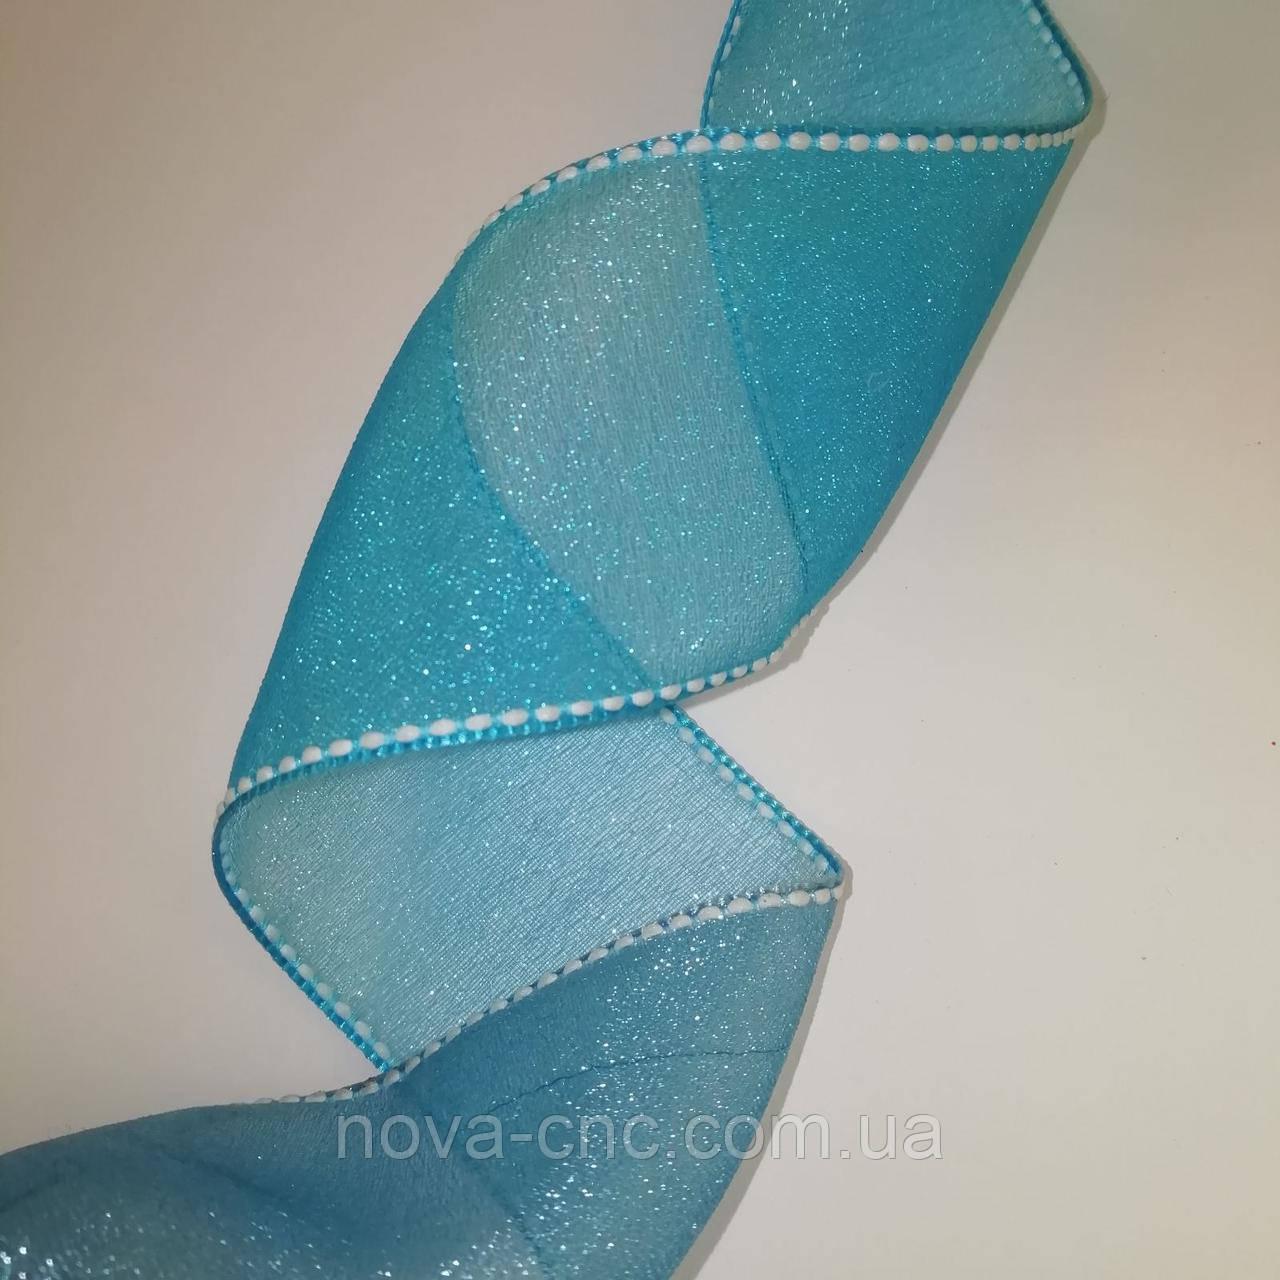 Стрічки щільна органза з прострочкою по краю Колір блакитний 35 мм 50 ярдів